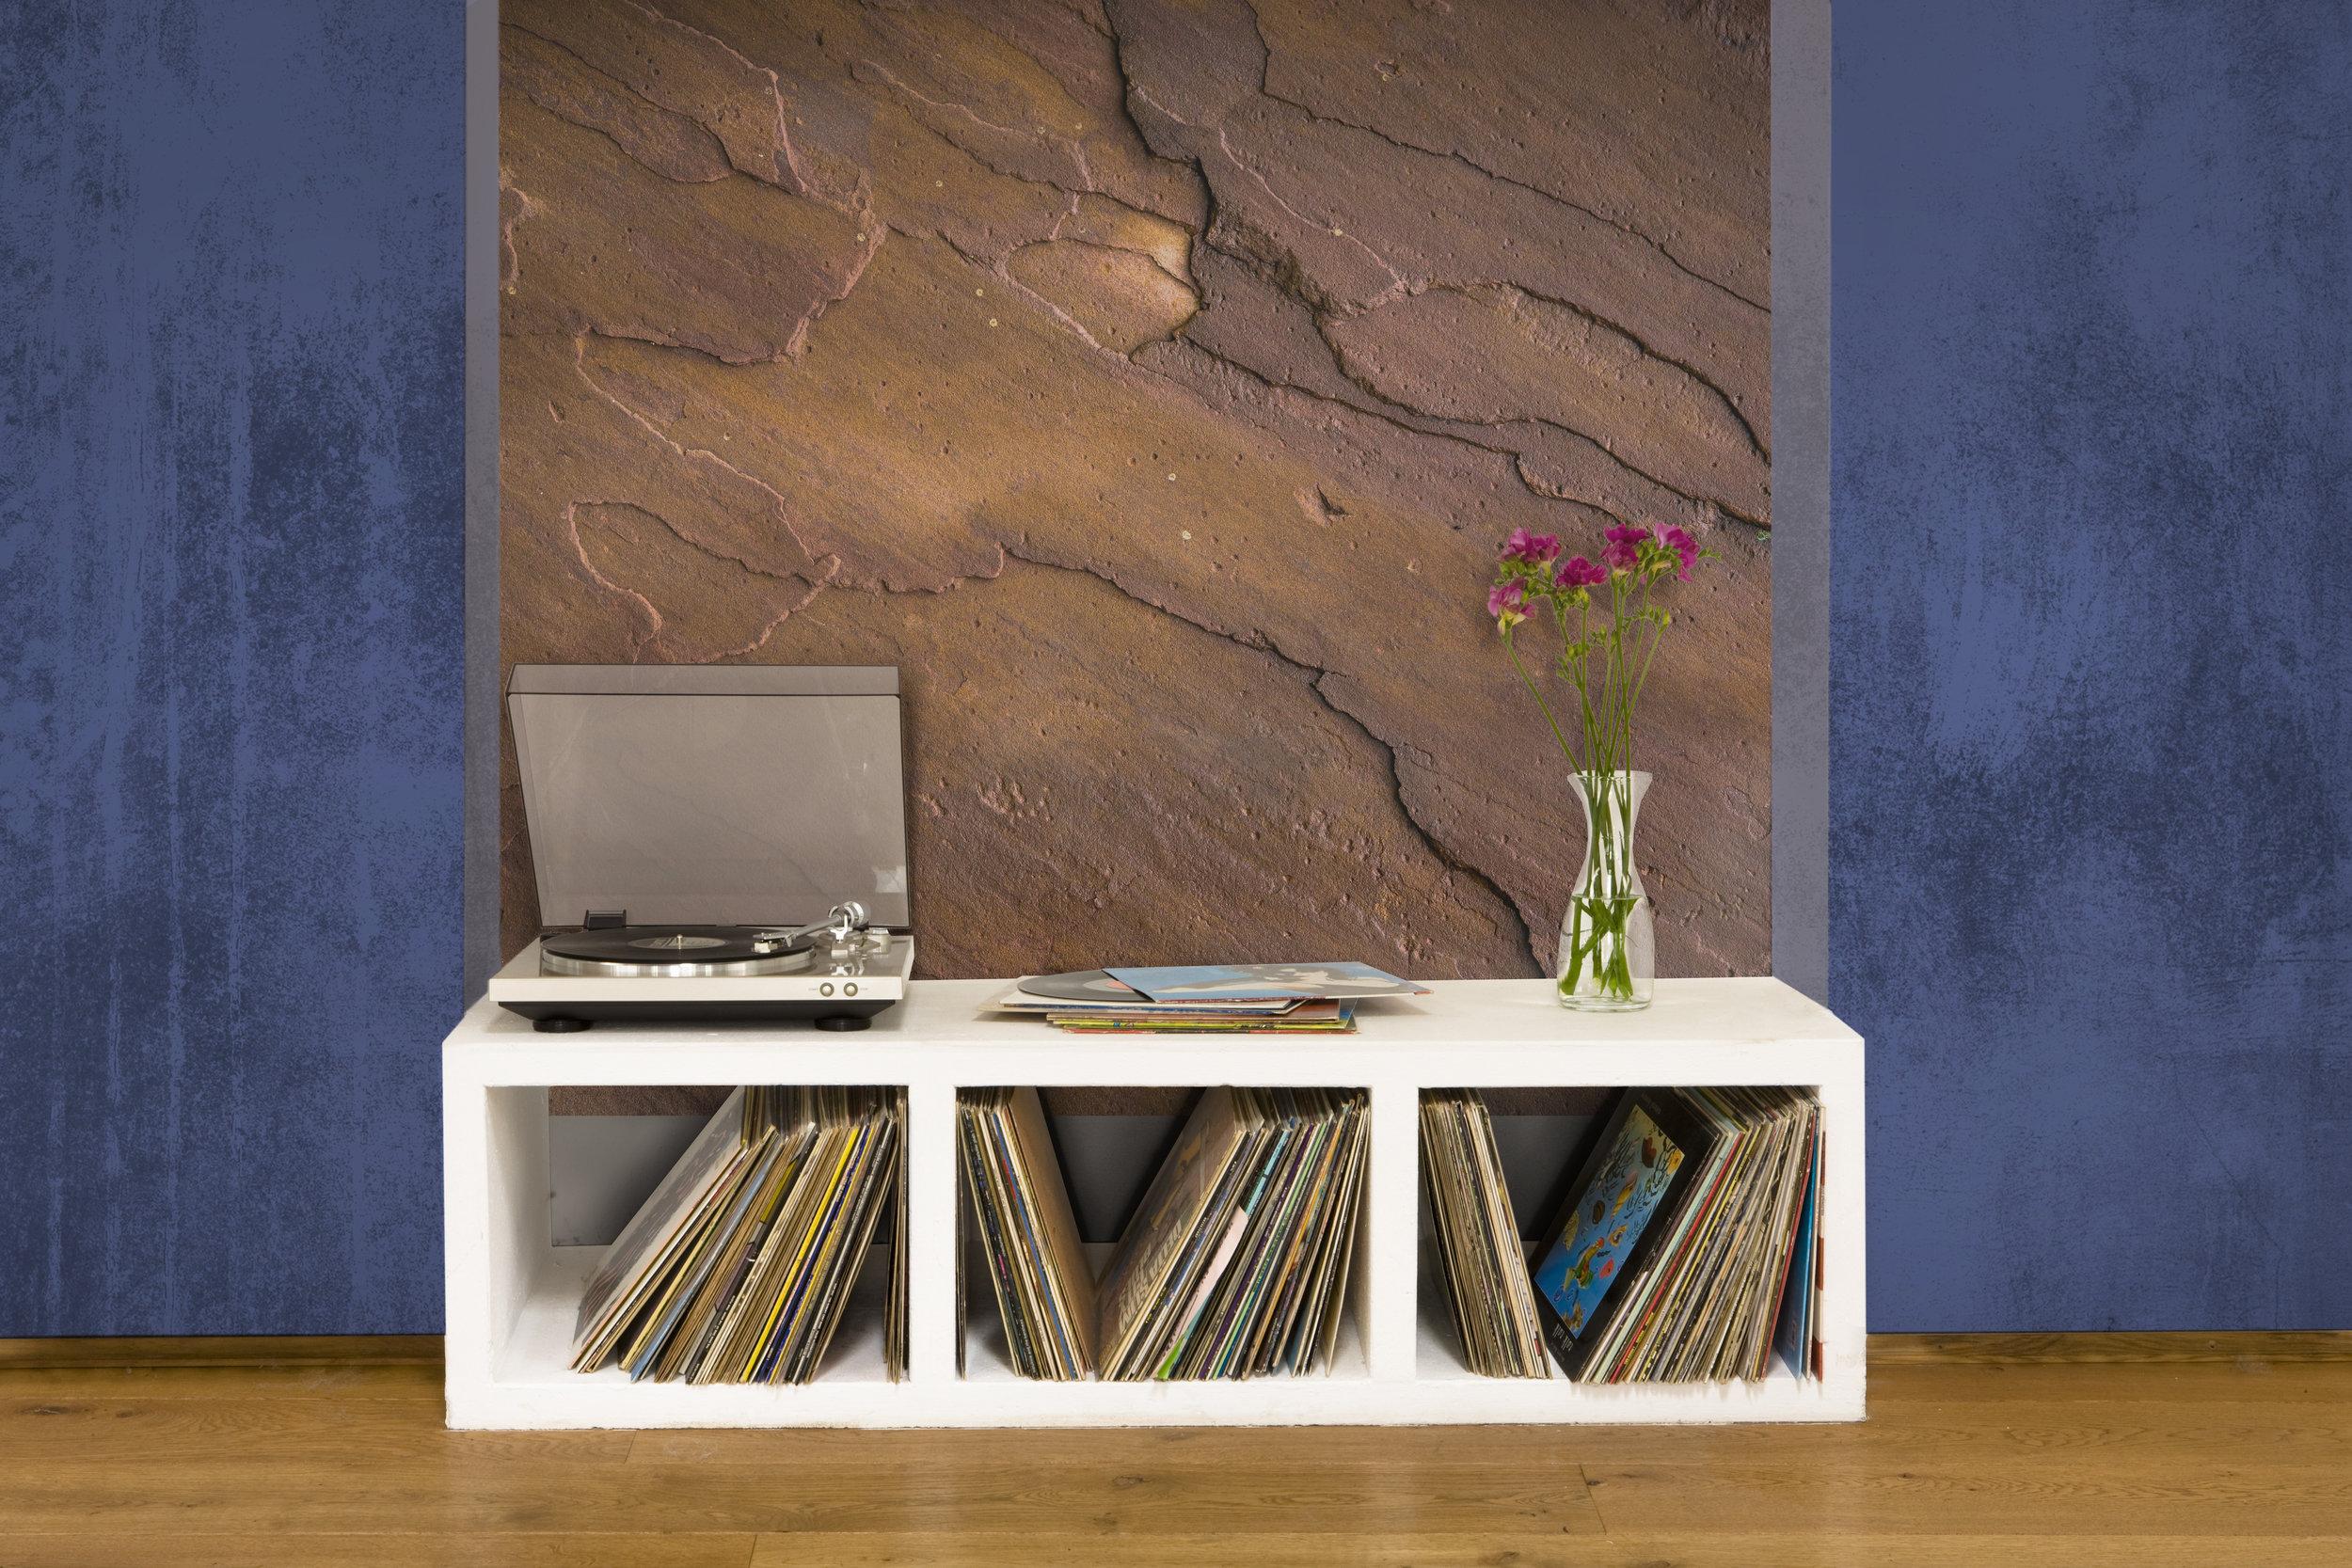 wallpaper_record.jpg